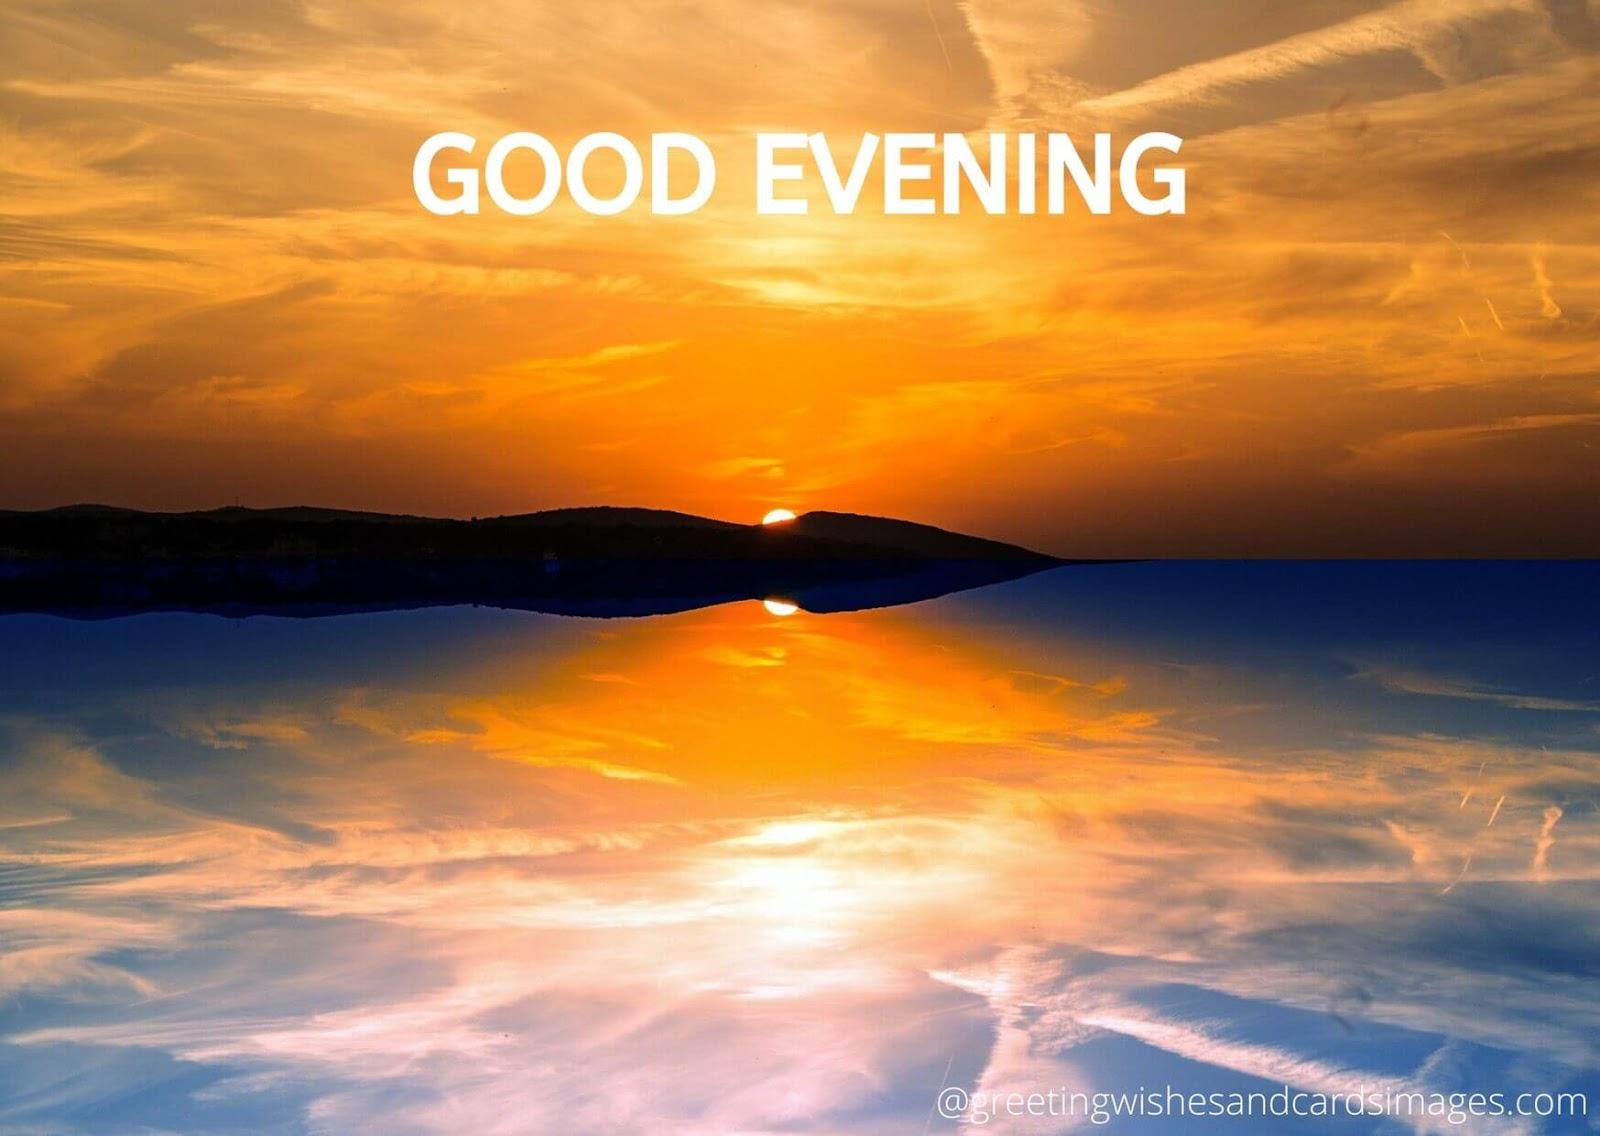 Beautiful Good Evening Images 2020